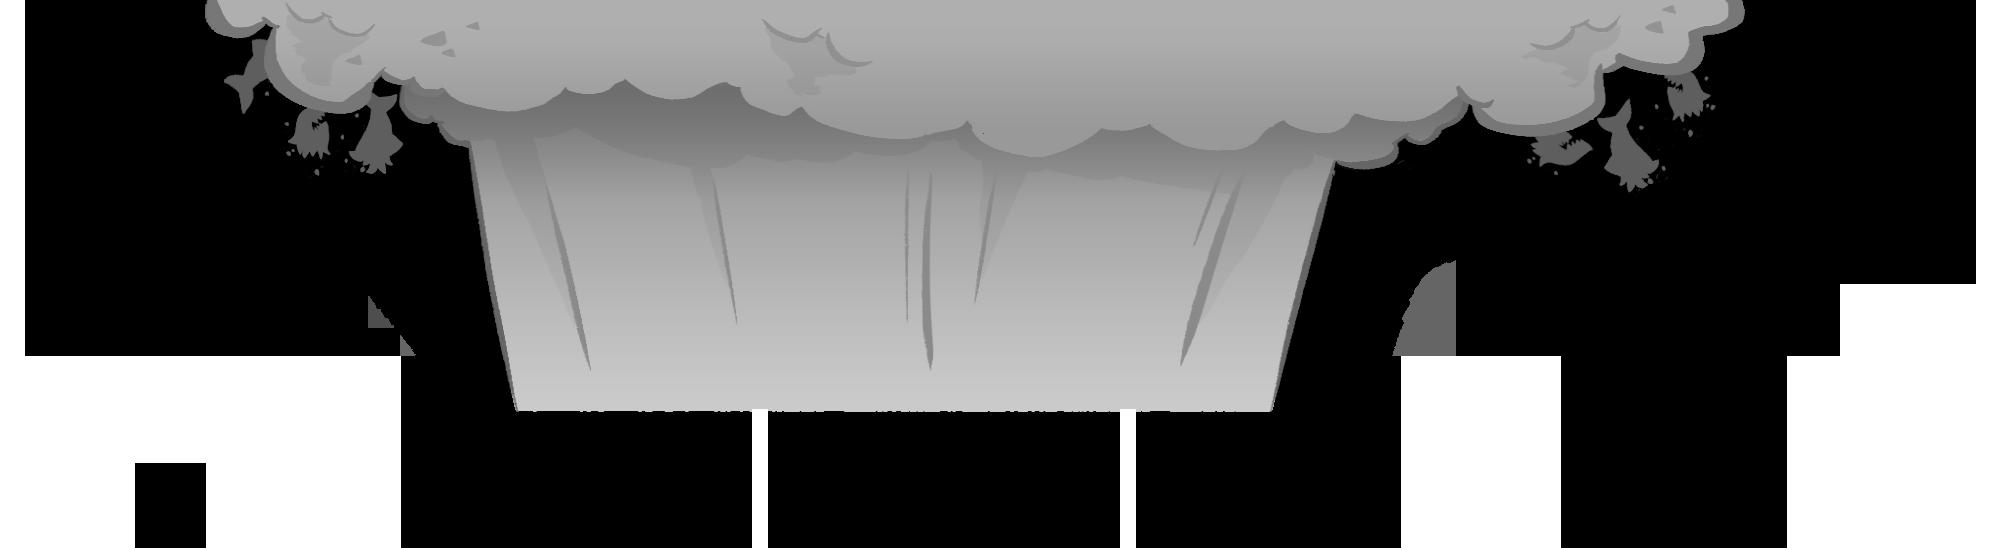 sharksplode-main-bg-3x-5